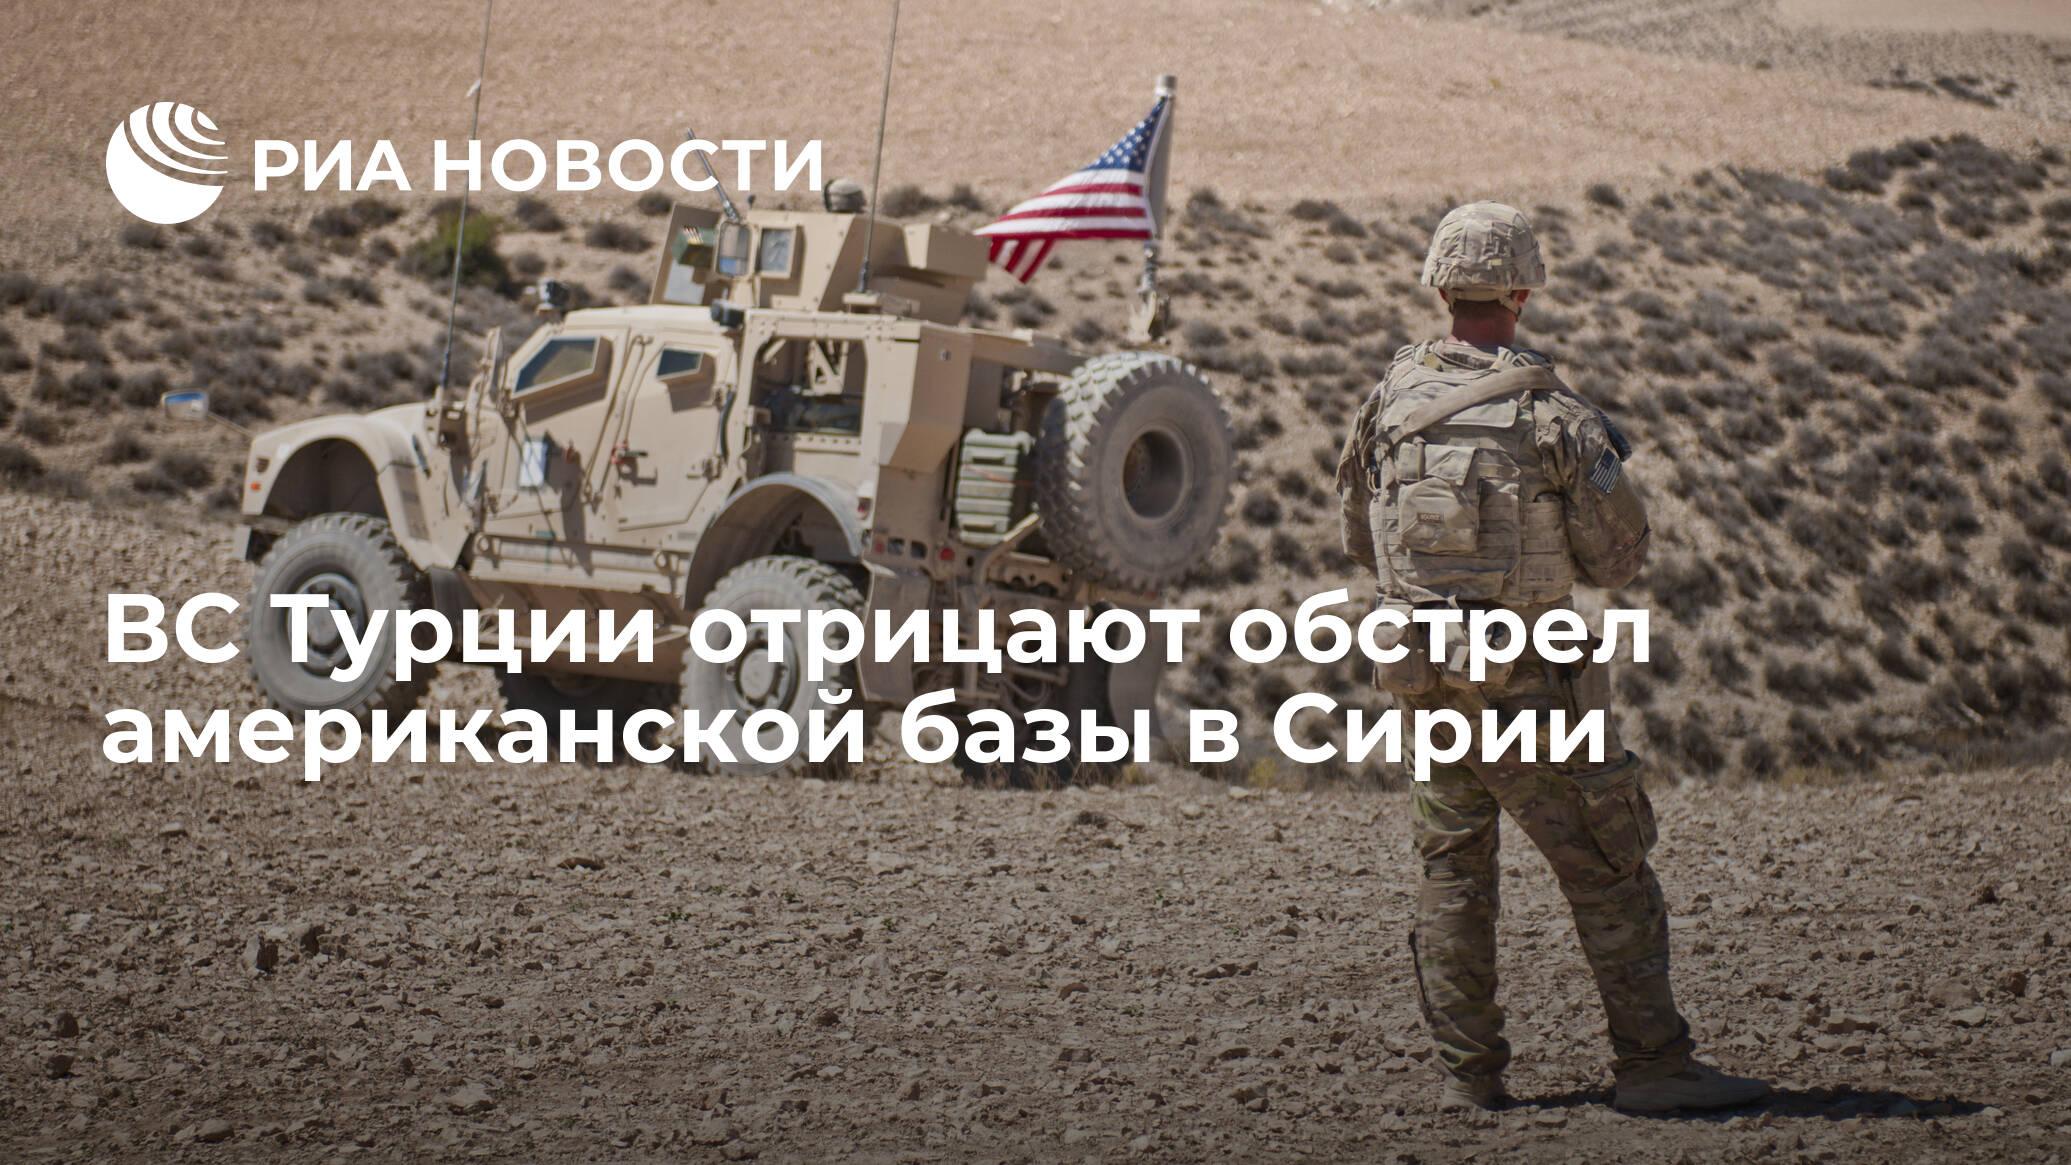 ВС Турции отрицают обстрел американской базы в Сирии